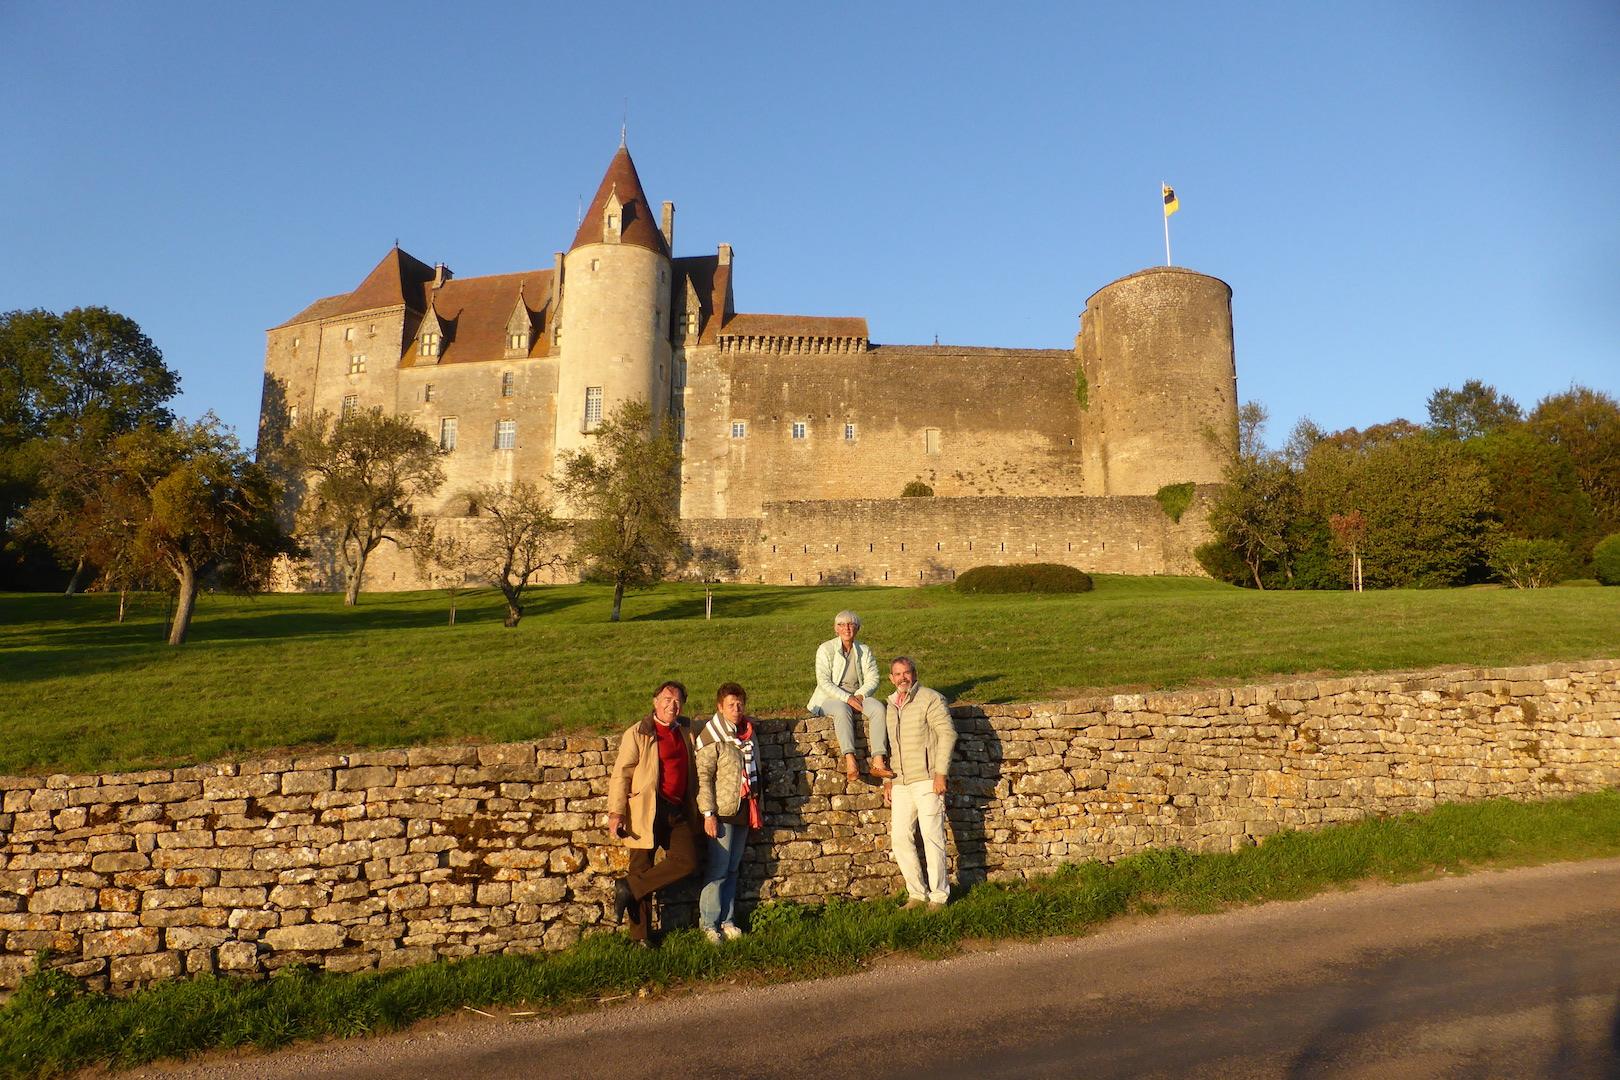 L'équipe COBE sans le photographe, devant le château de Chateauneuf